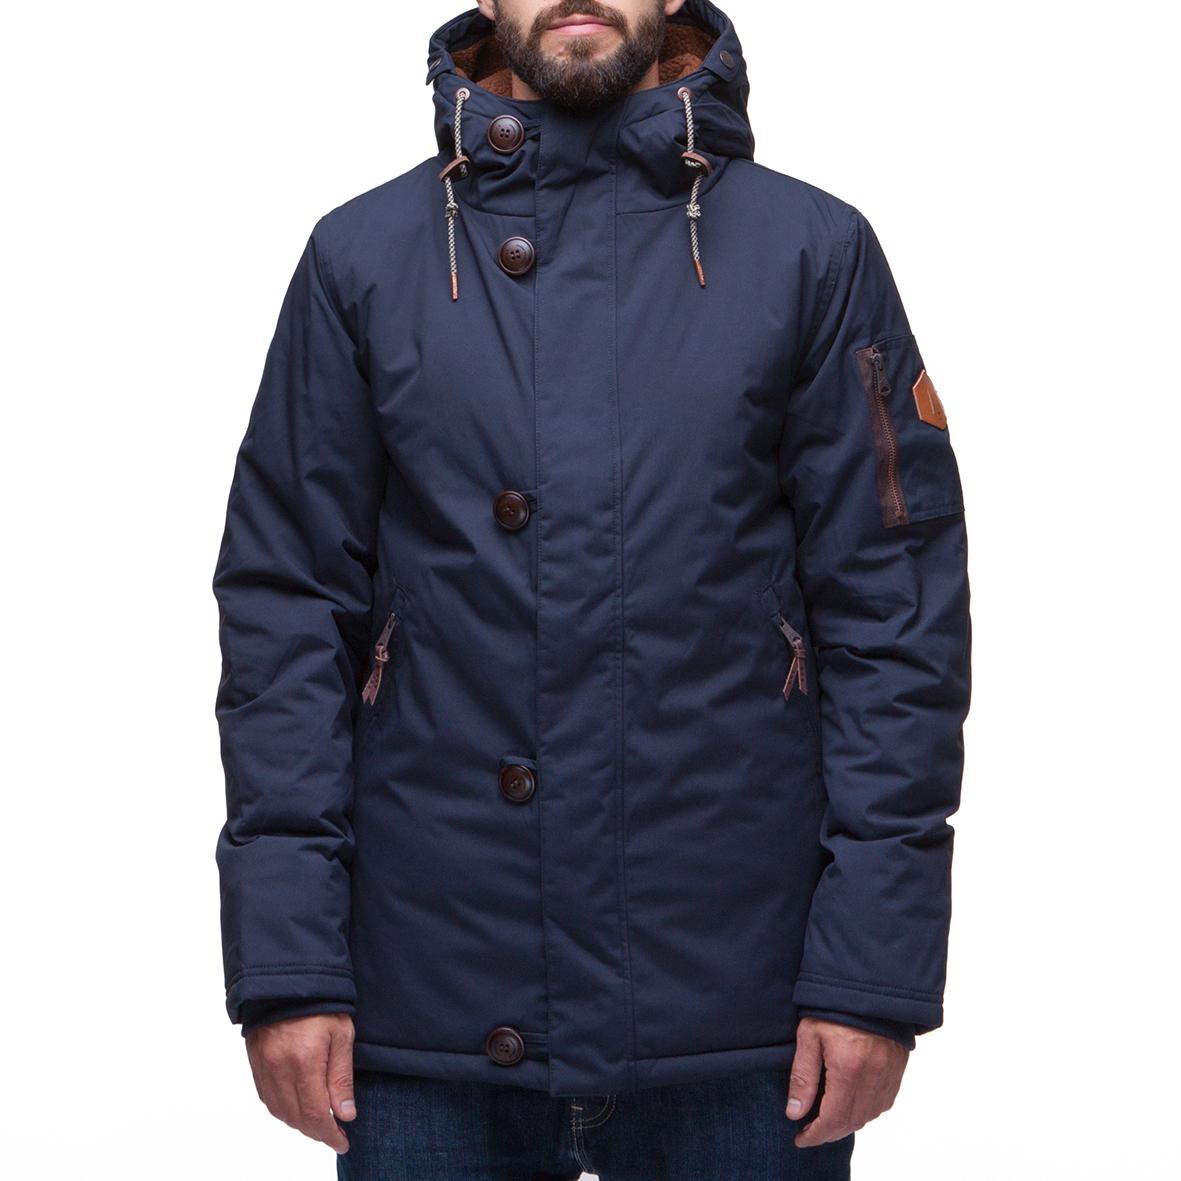 Куртка парка LOADING 8715 (M-01-2)  Темно-синий